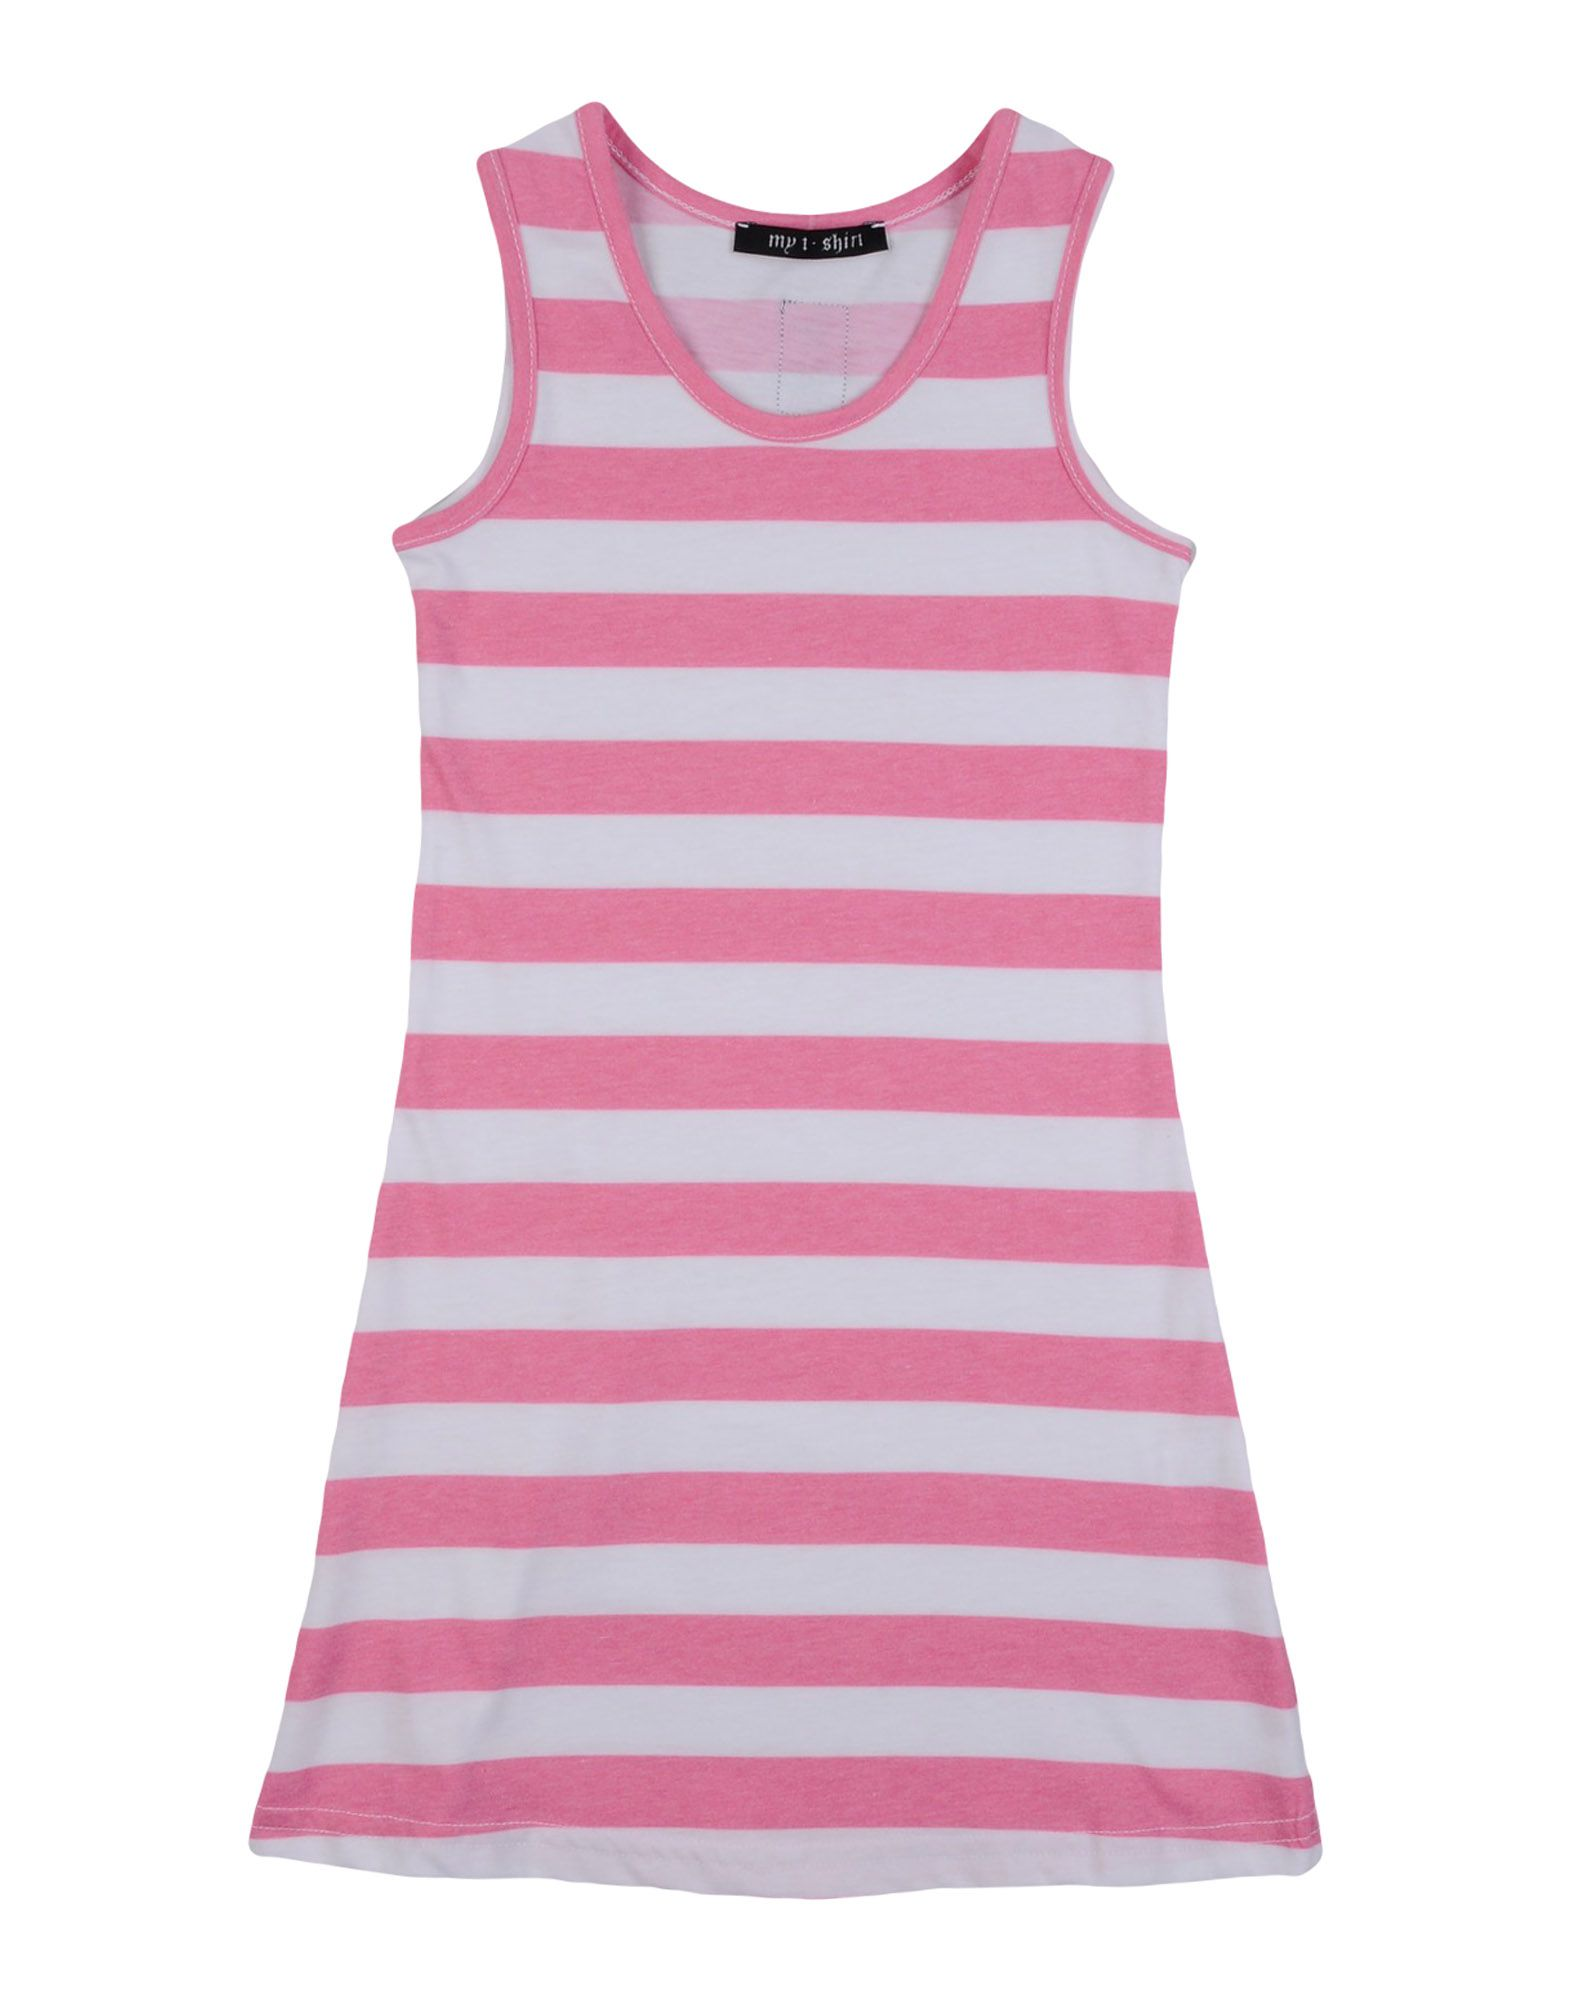 MY T-SHIRT Mädchen 0-24 monate Kleid Farbe Rosa Größe 10